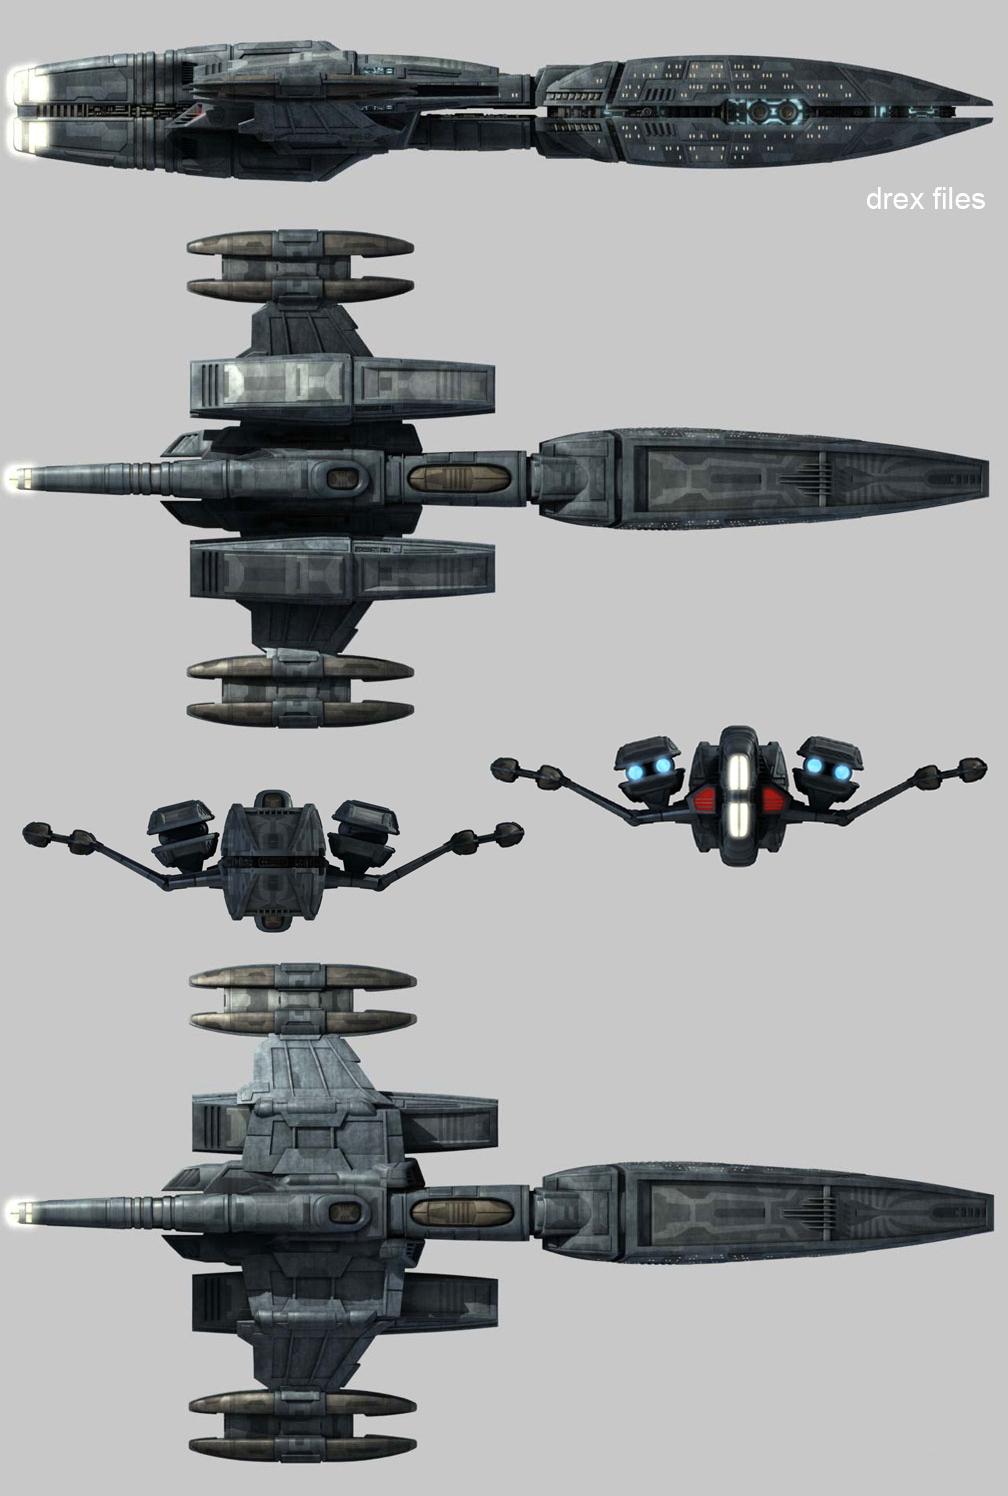 Idea Several Star Trek and Babylon 5 vessels - Orbiter-Forum on robotech schematics, star trek space station schematics, deep space 9 schematics, andromeda ships schematics, stargate schematics,